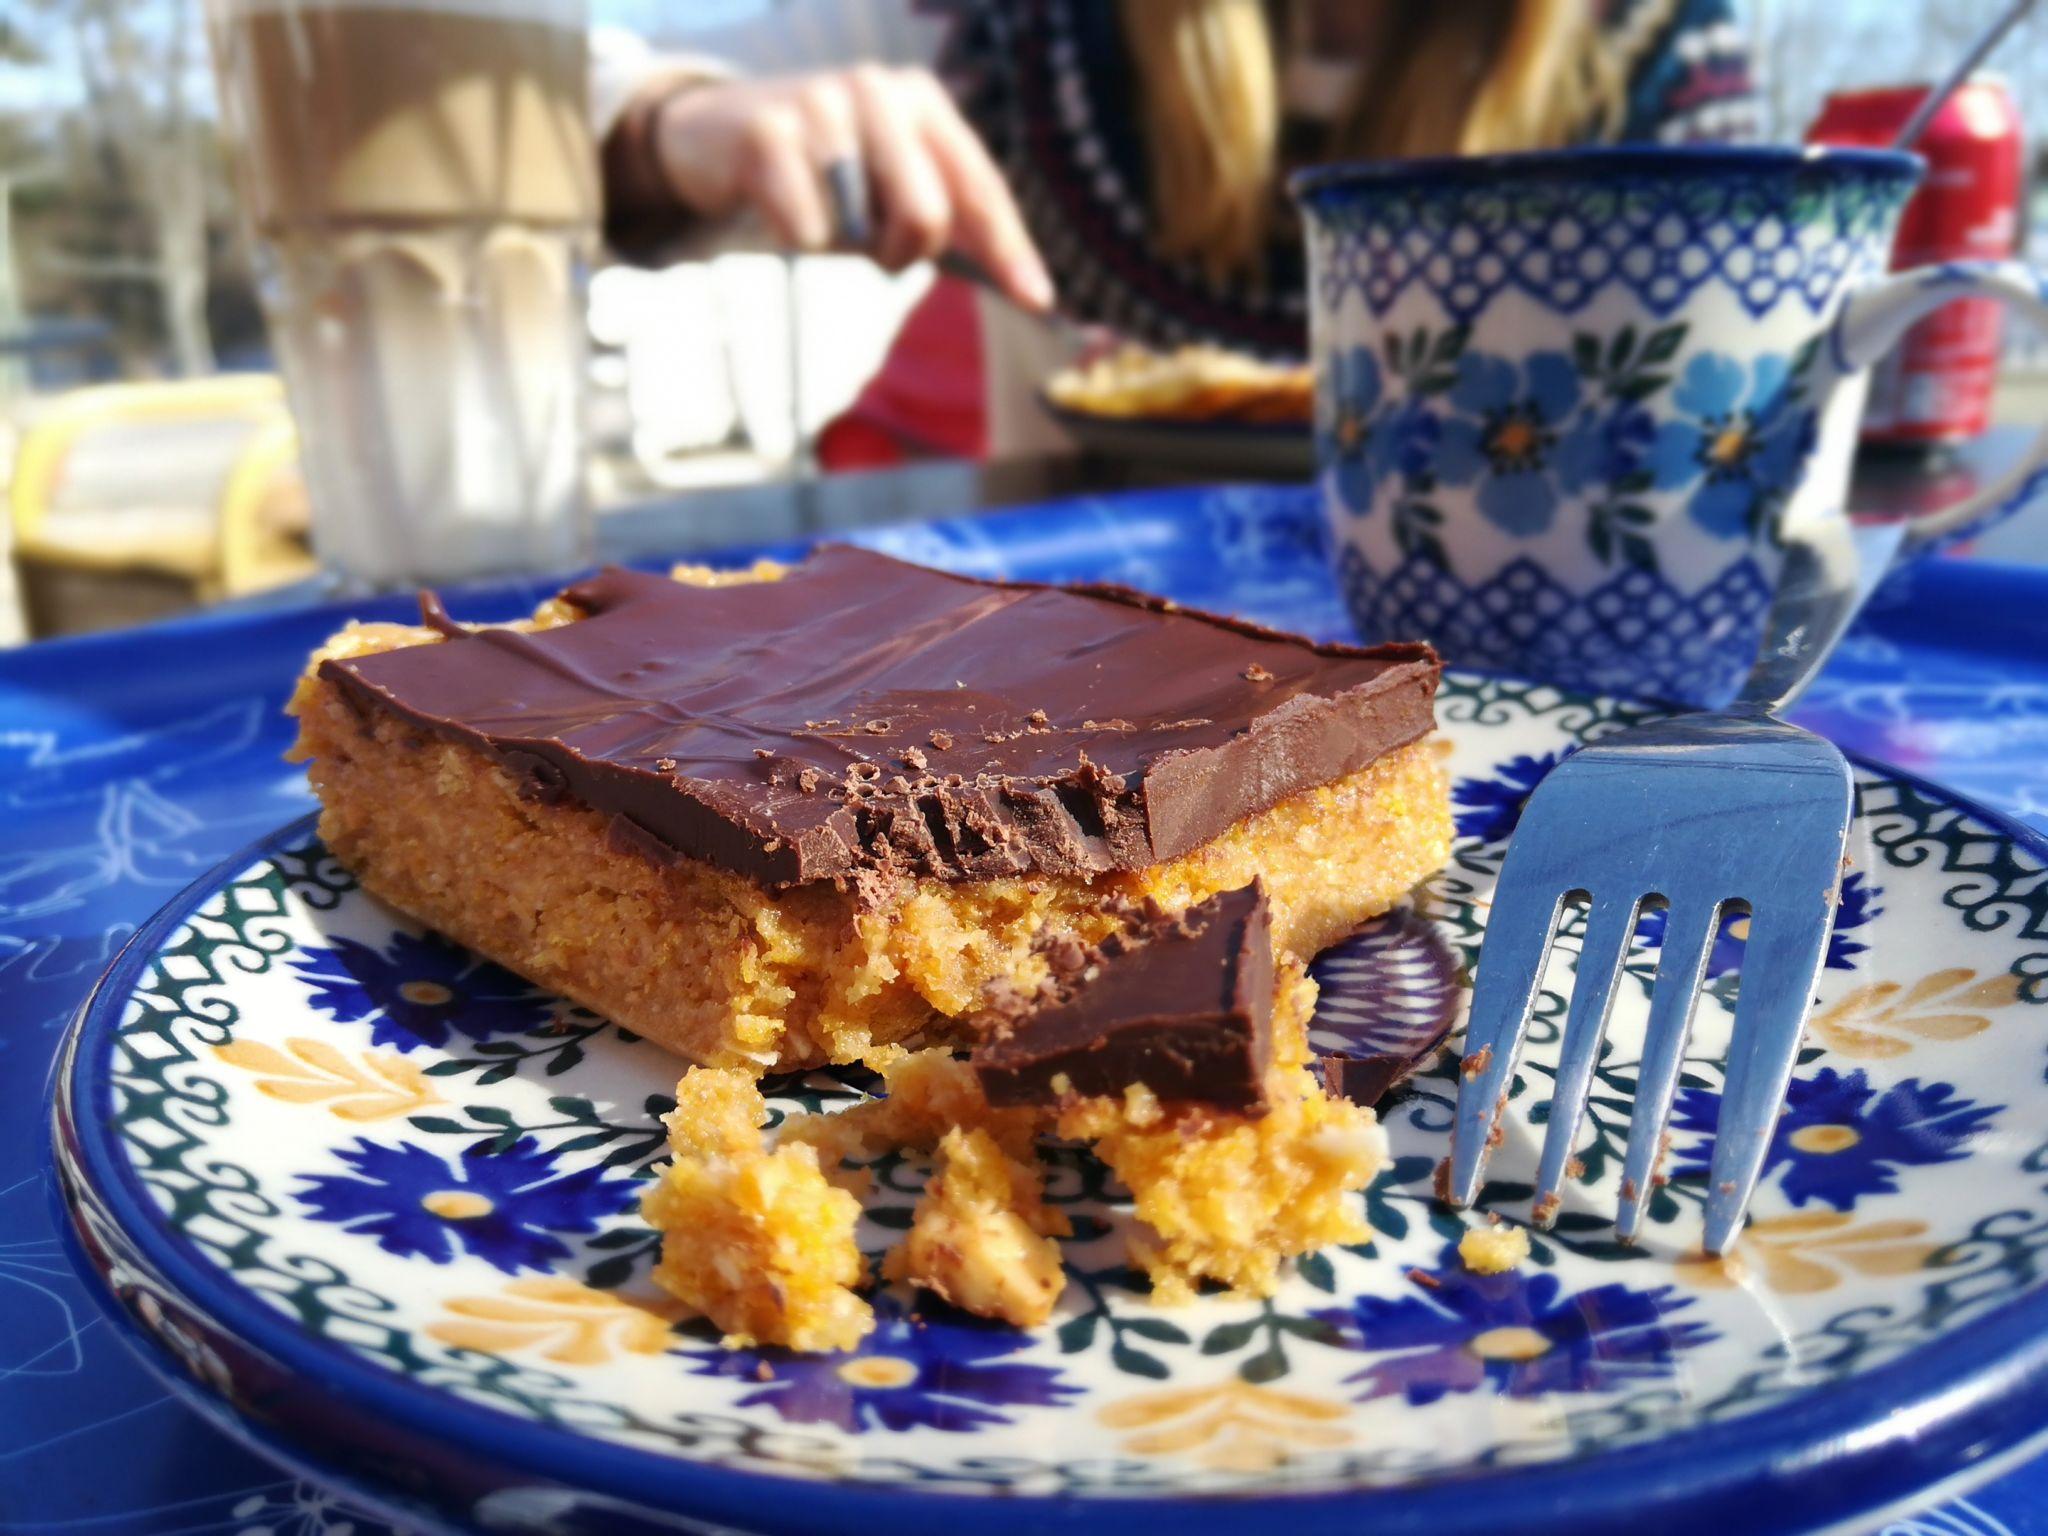 Kaffee und Kuchen im ehemaligen Lanthandel